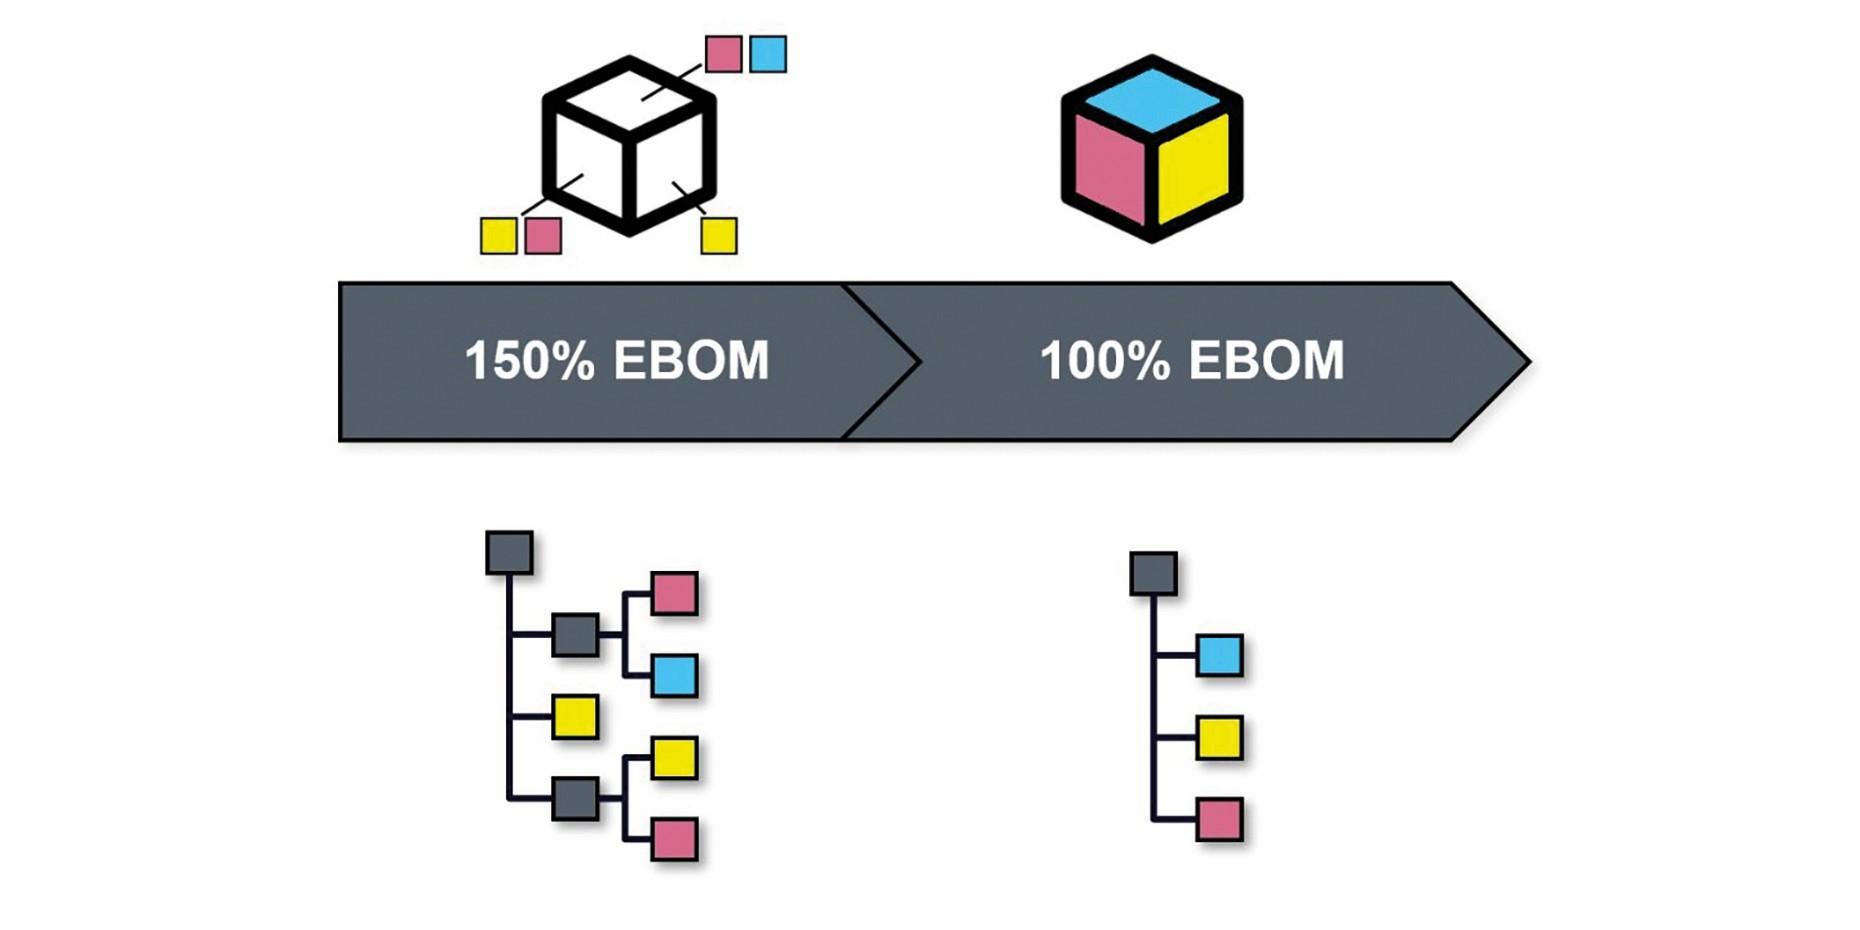 Bild 1 Ableitung einer konkreten 100% EBOM aus einer 150% EBOM. Grafik: Siemens